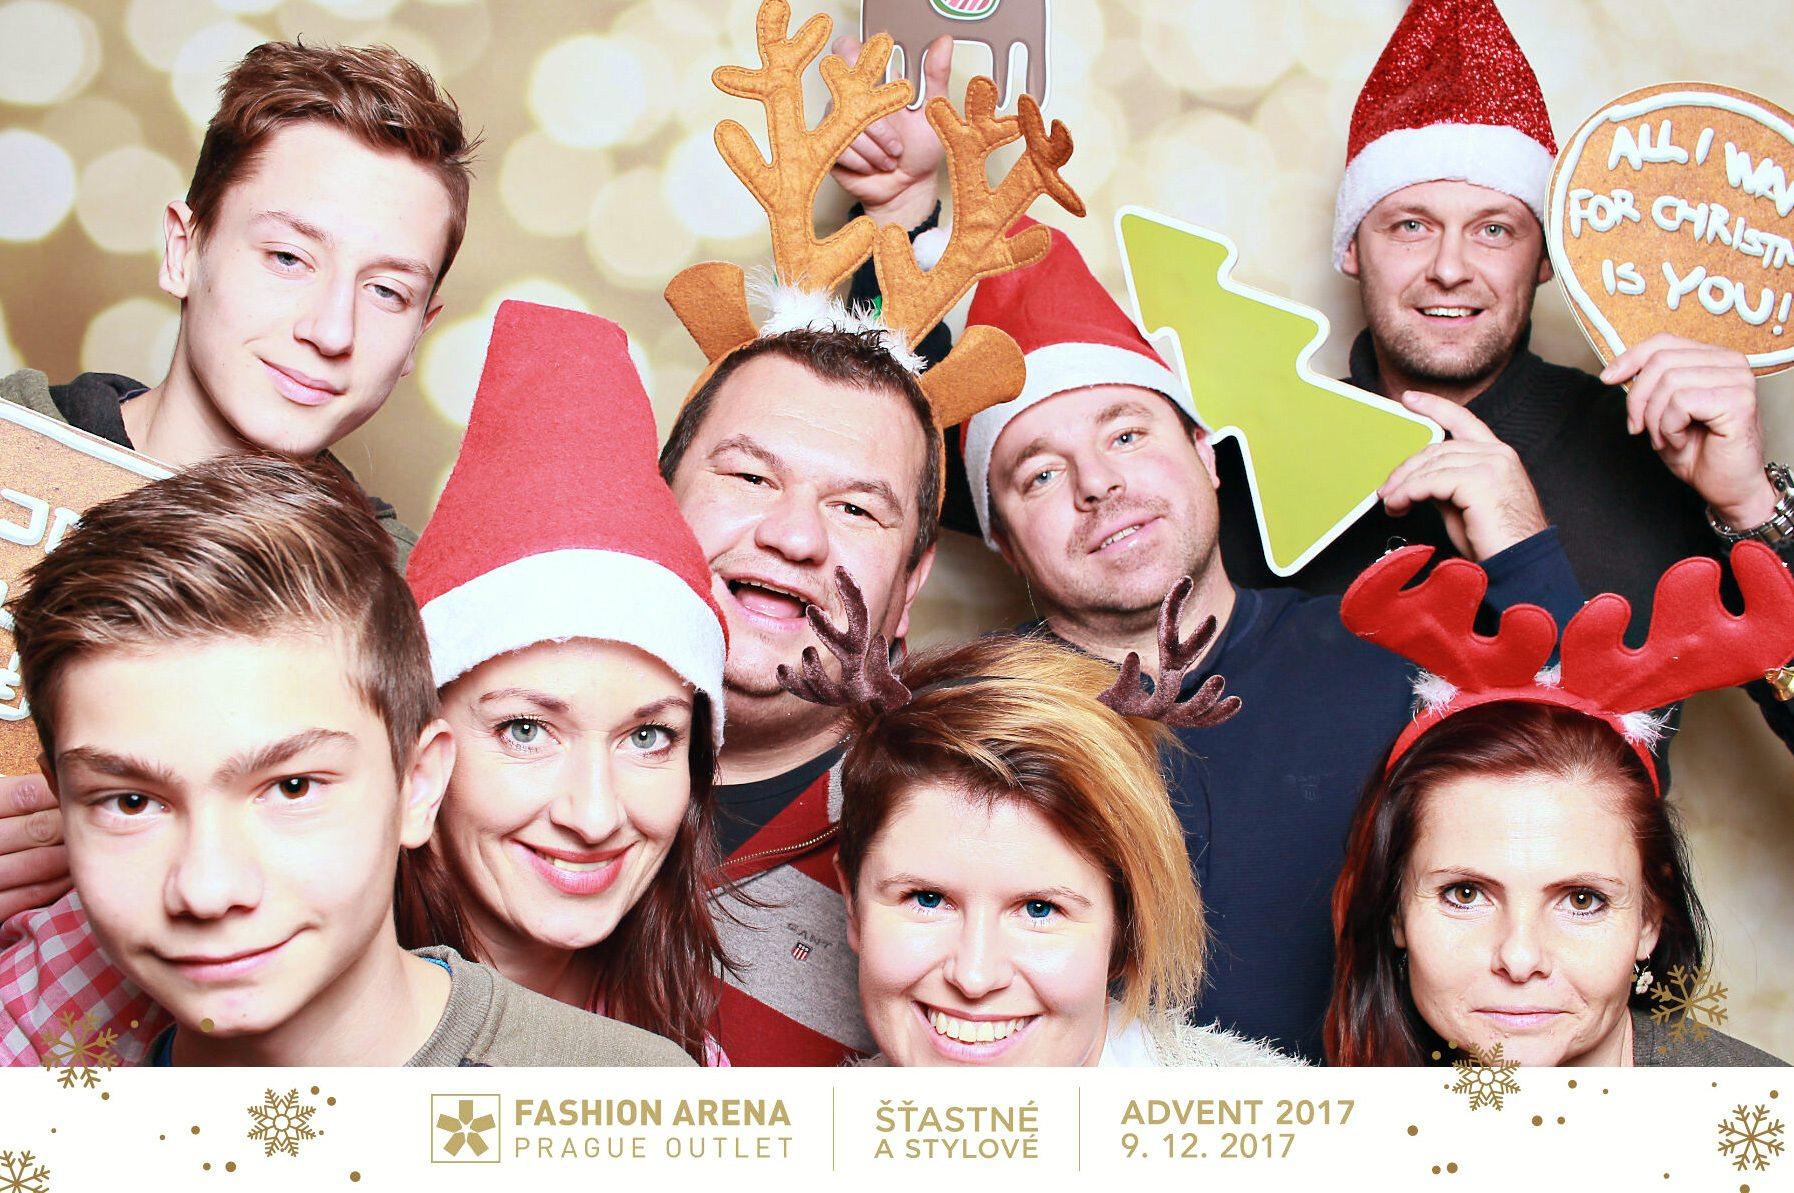 fotokoutek-fashion-arena-stastne-a-stylove-9-12-2017-359381